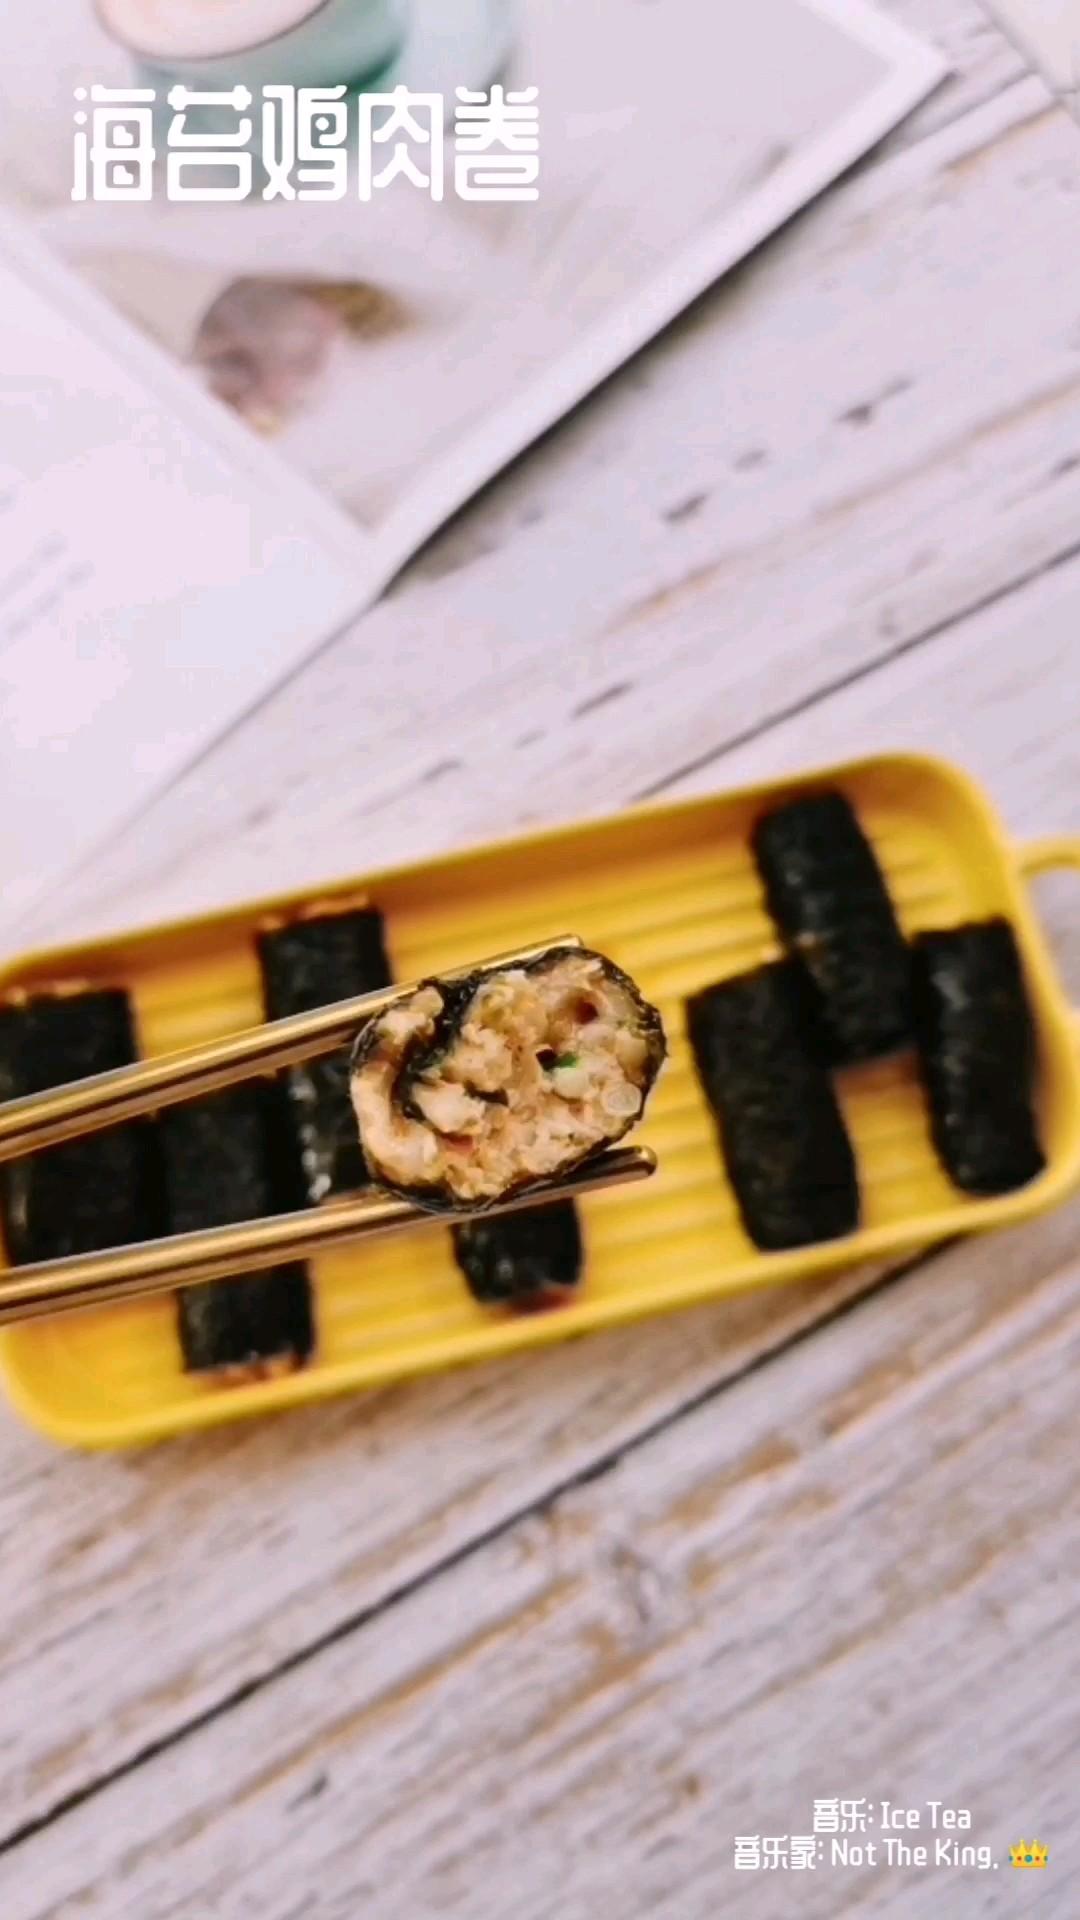 海苔鸡肉卷的做法